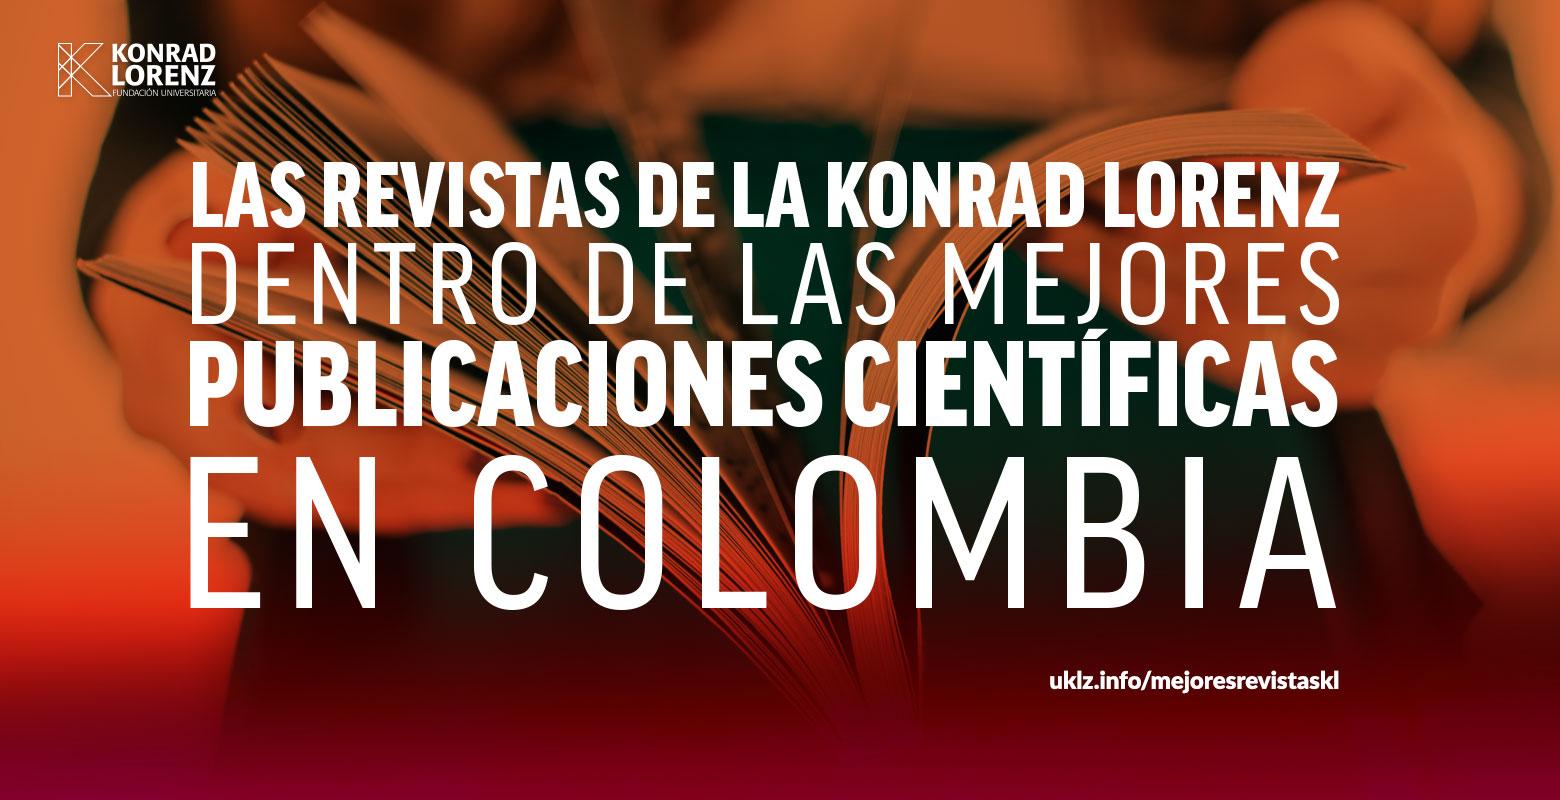 Las revistas de la Konrad Lorenz dentro de las mejores publicaciones científicas en Colombia